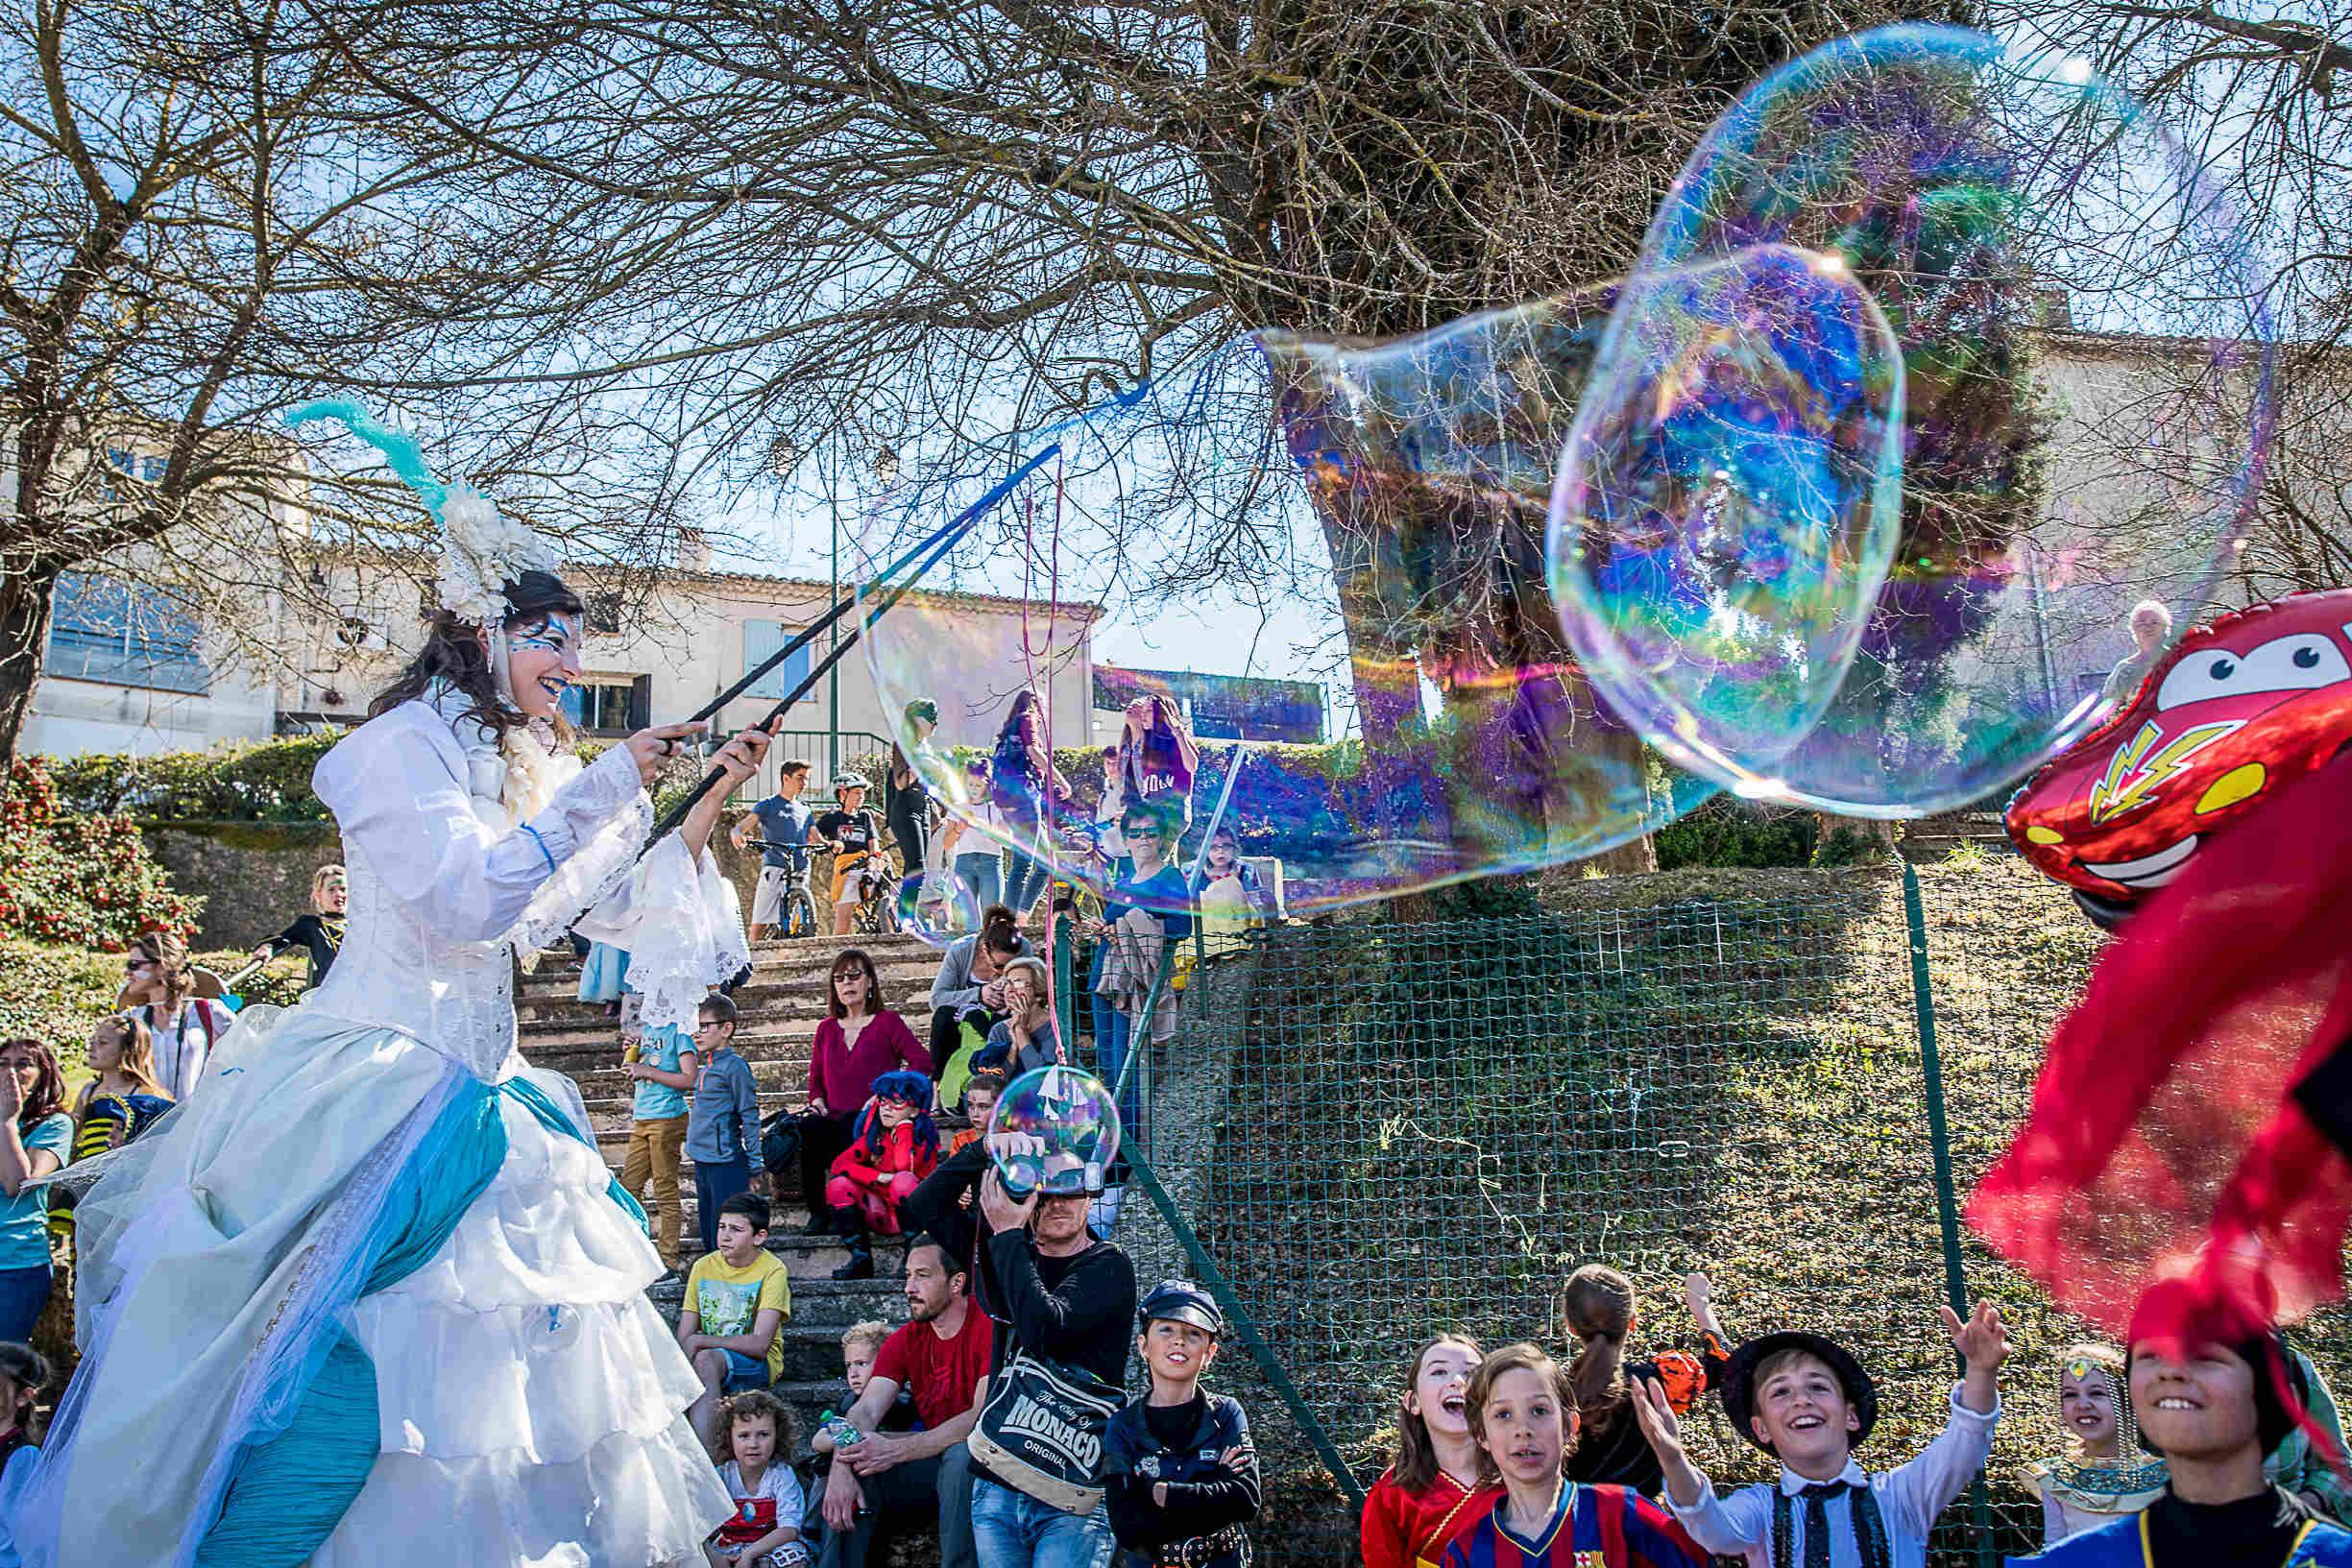 Echassier-bulles-de-savon-geantes-damme-deau-carnaval